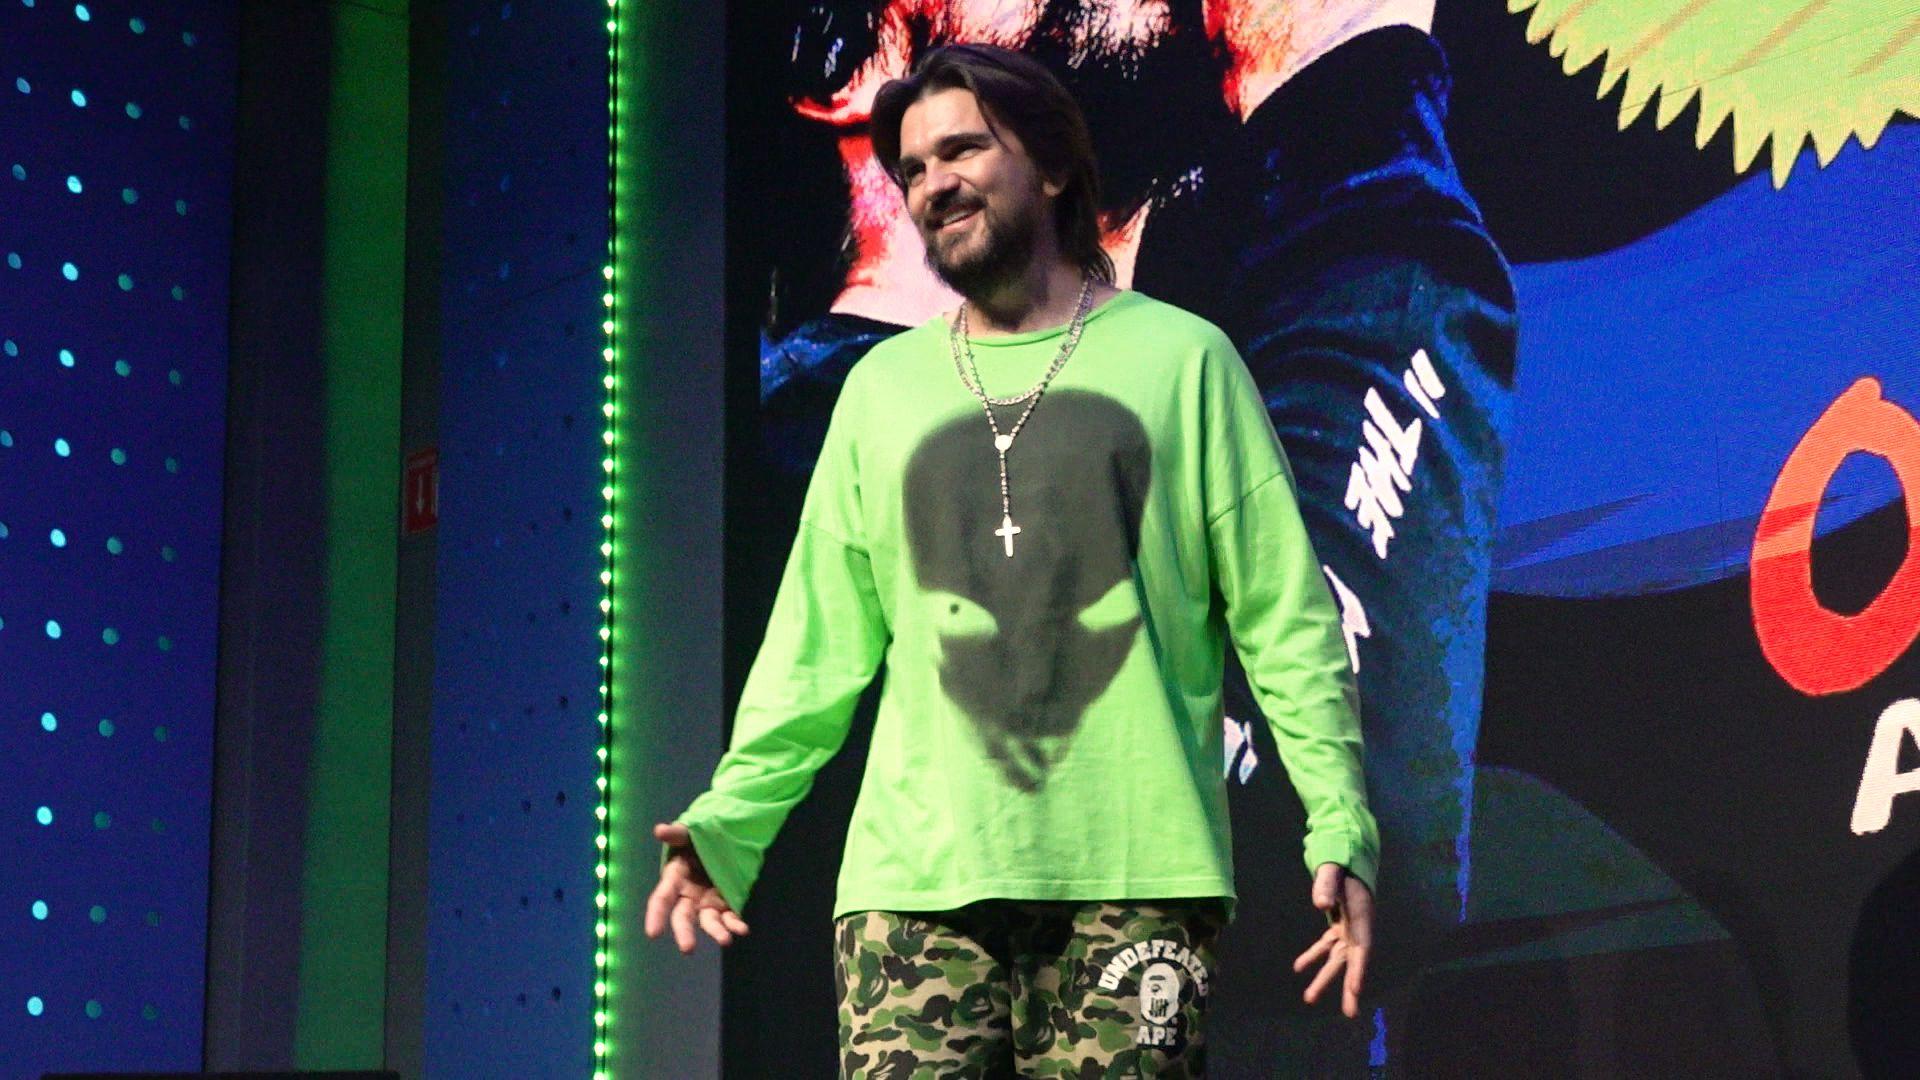 """Juanes terminó la grabación de su disco """"Más futuro que pasado"""" (Foto: Infobae)"""